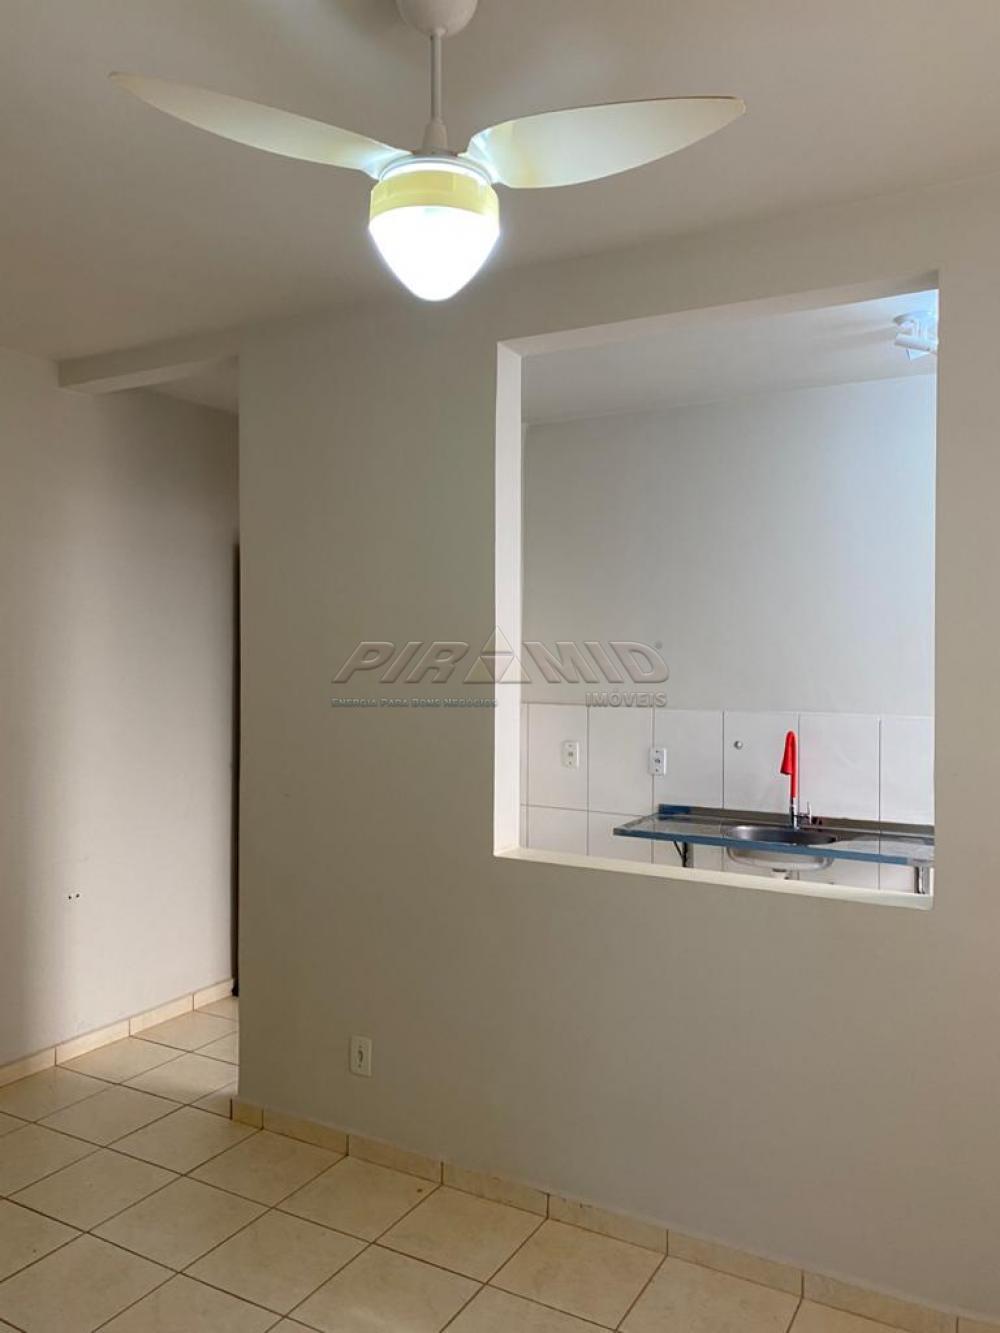 Alugar Apartamento / Padrão em Ribeirão Preto R$ 730,00 - Foto 8